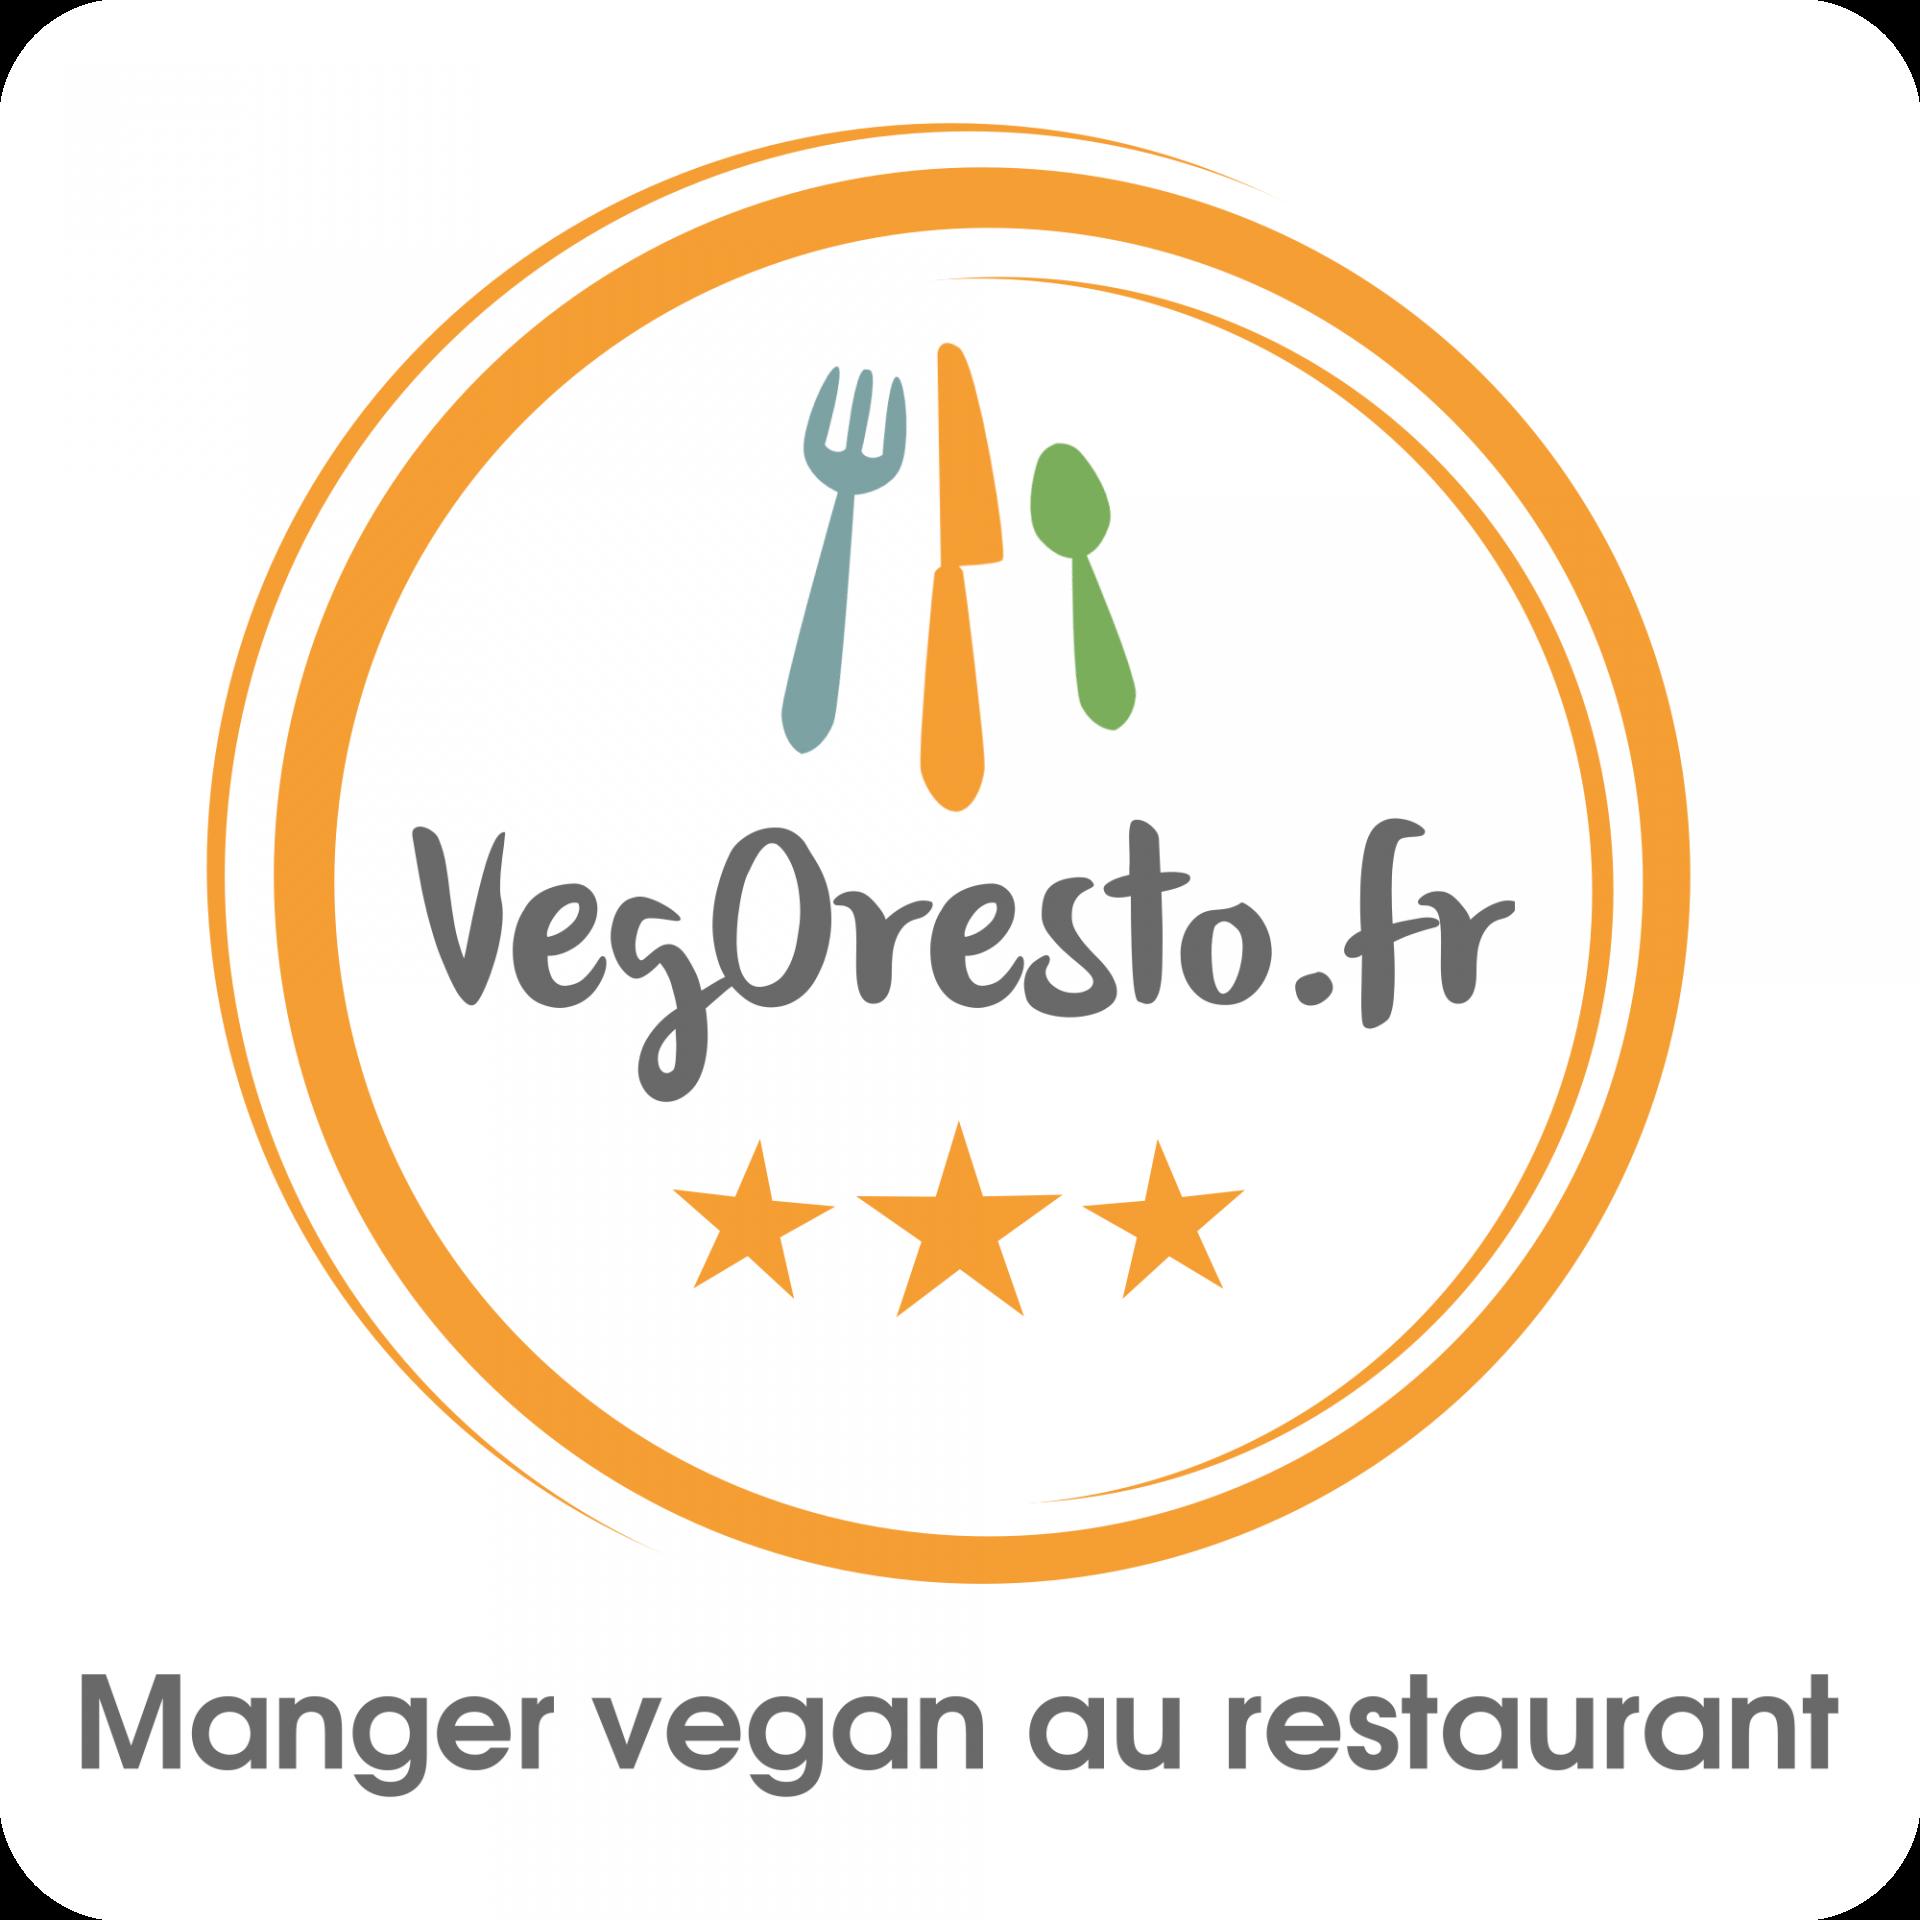 Vegoresto - Angers (49)